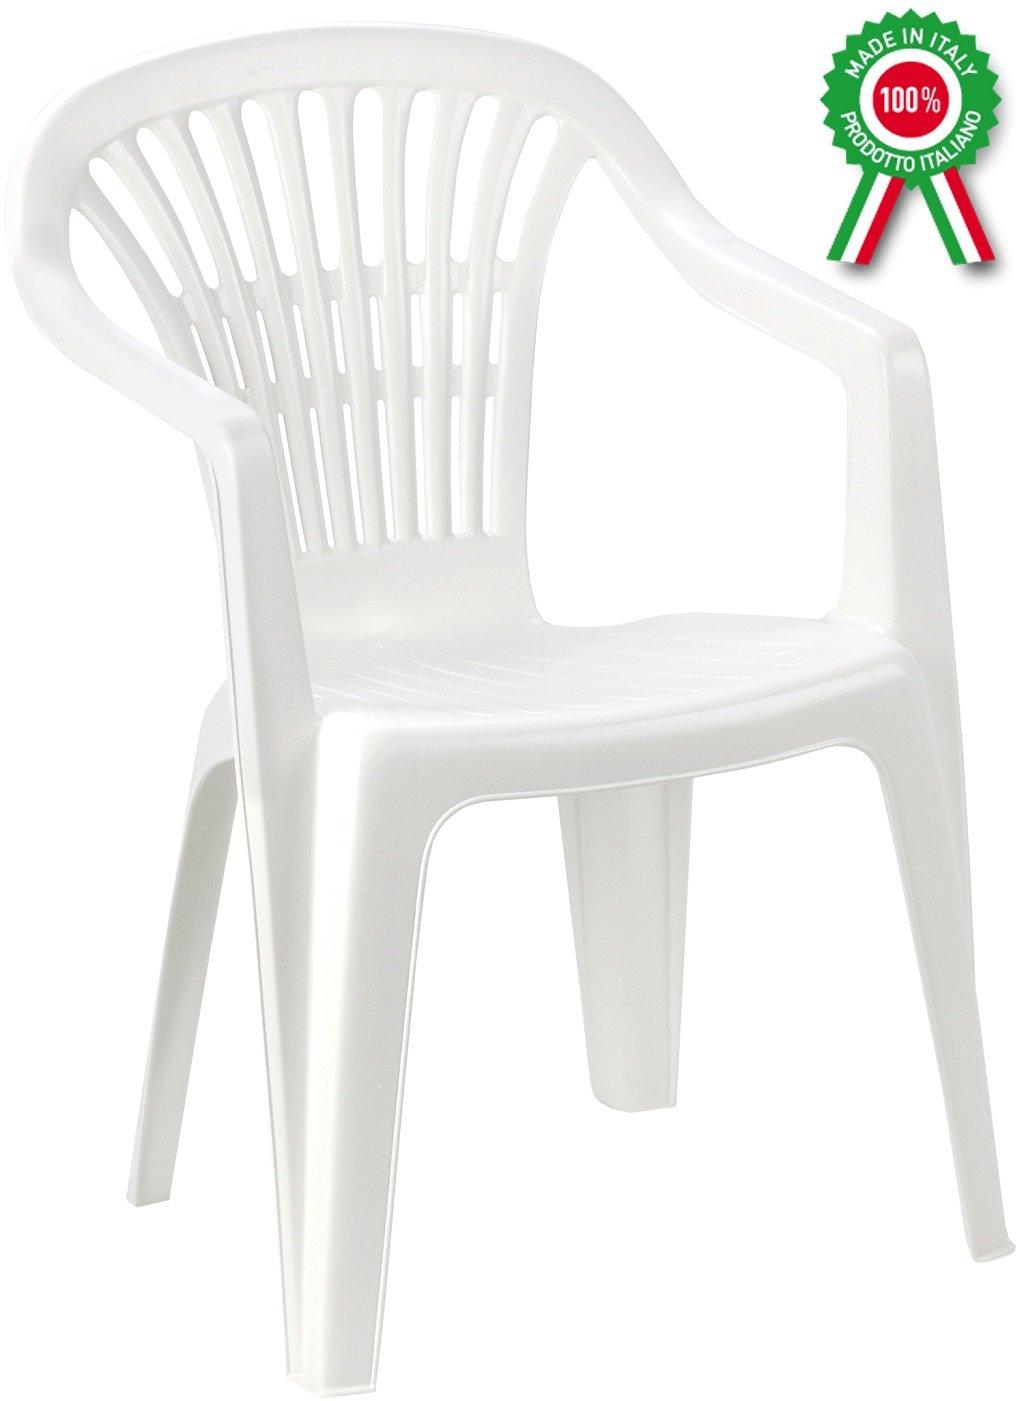 Poltrona sedia Scilla in dura resina di plastica bianca impilabile con braccioli Savino Fiorenzo